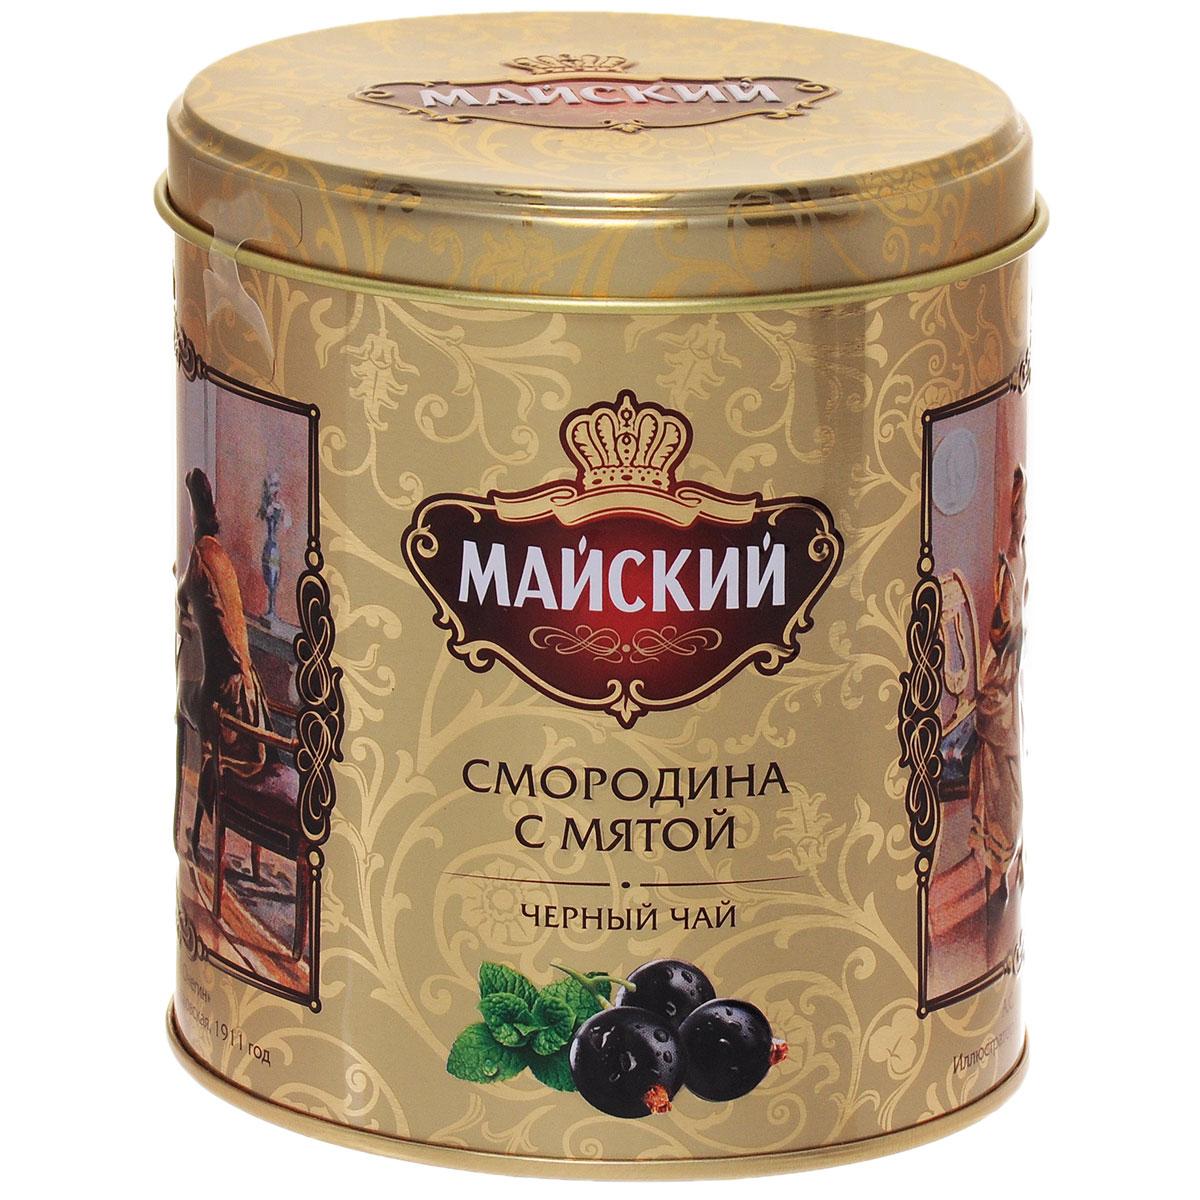 Майский Смородина с мятой черный ароматизированный листовой чай, 90 г майский корона российской империи черный чай в пирамидках 20 шт